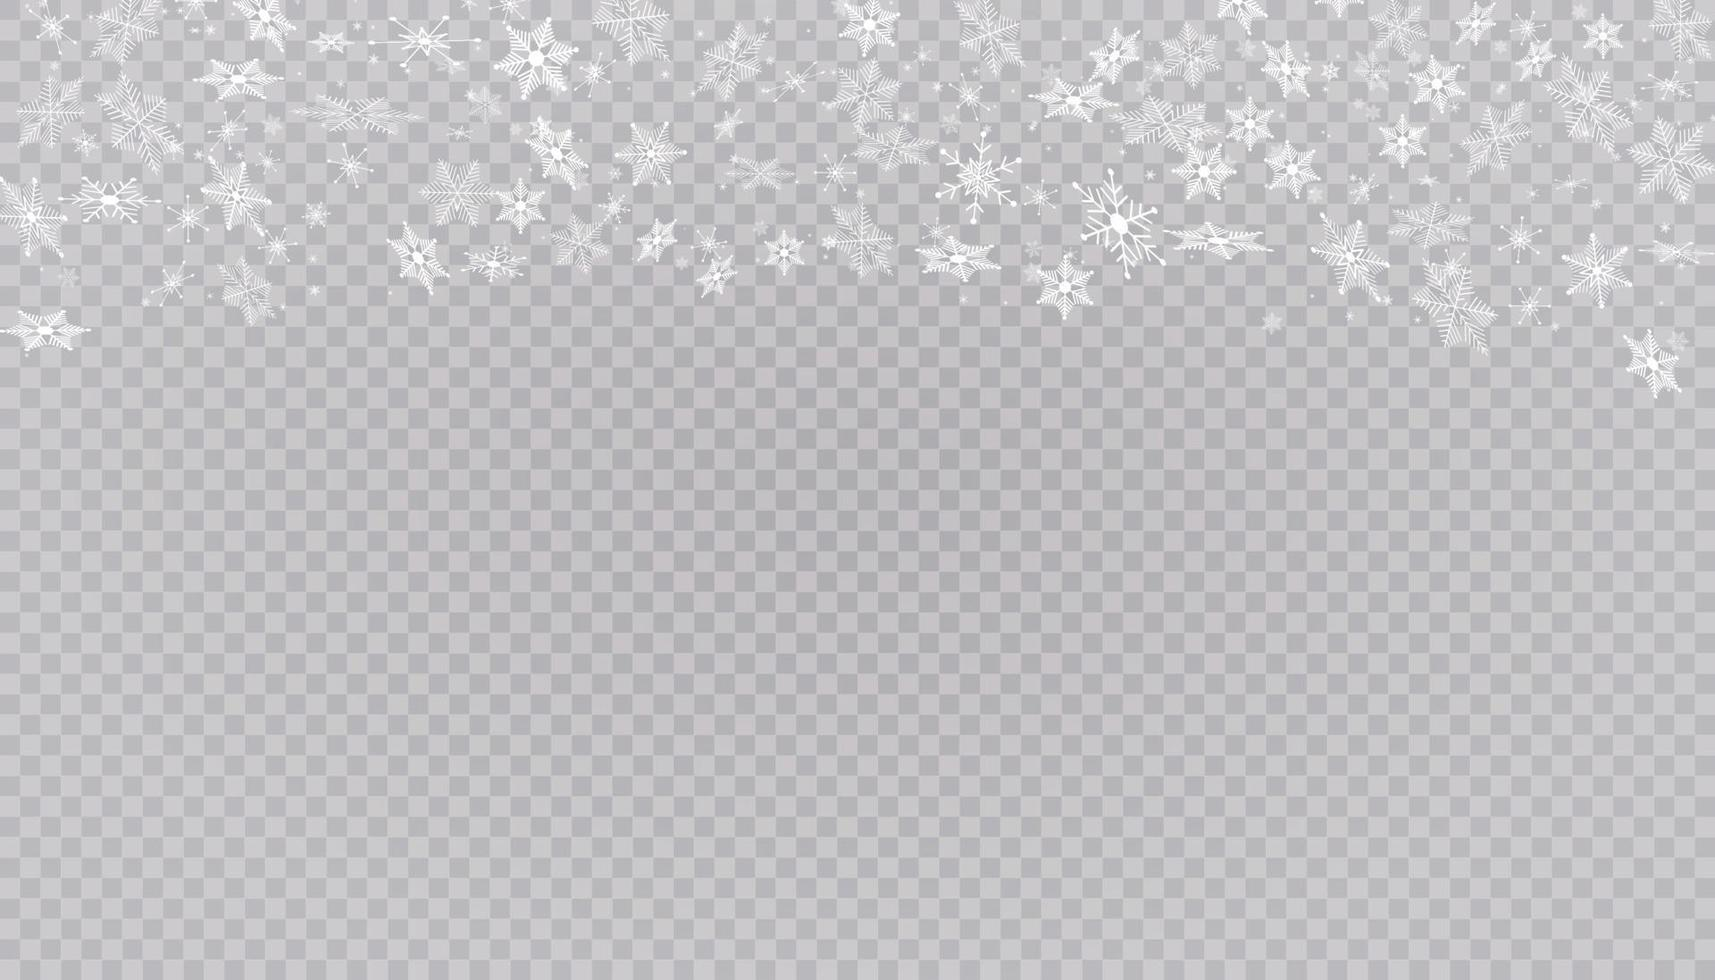 vit snö flyger bakgrund. jul snöflingor. vinter snöstorm bakgrundsillustration. vektor